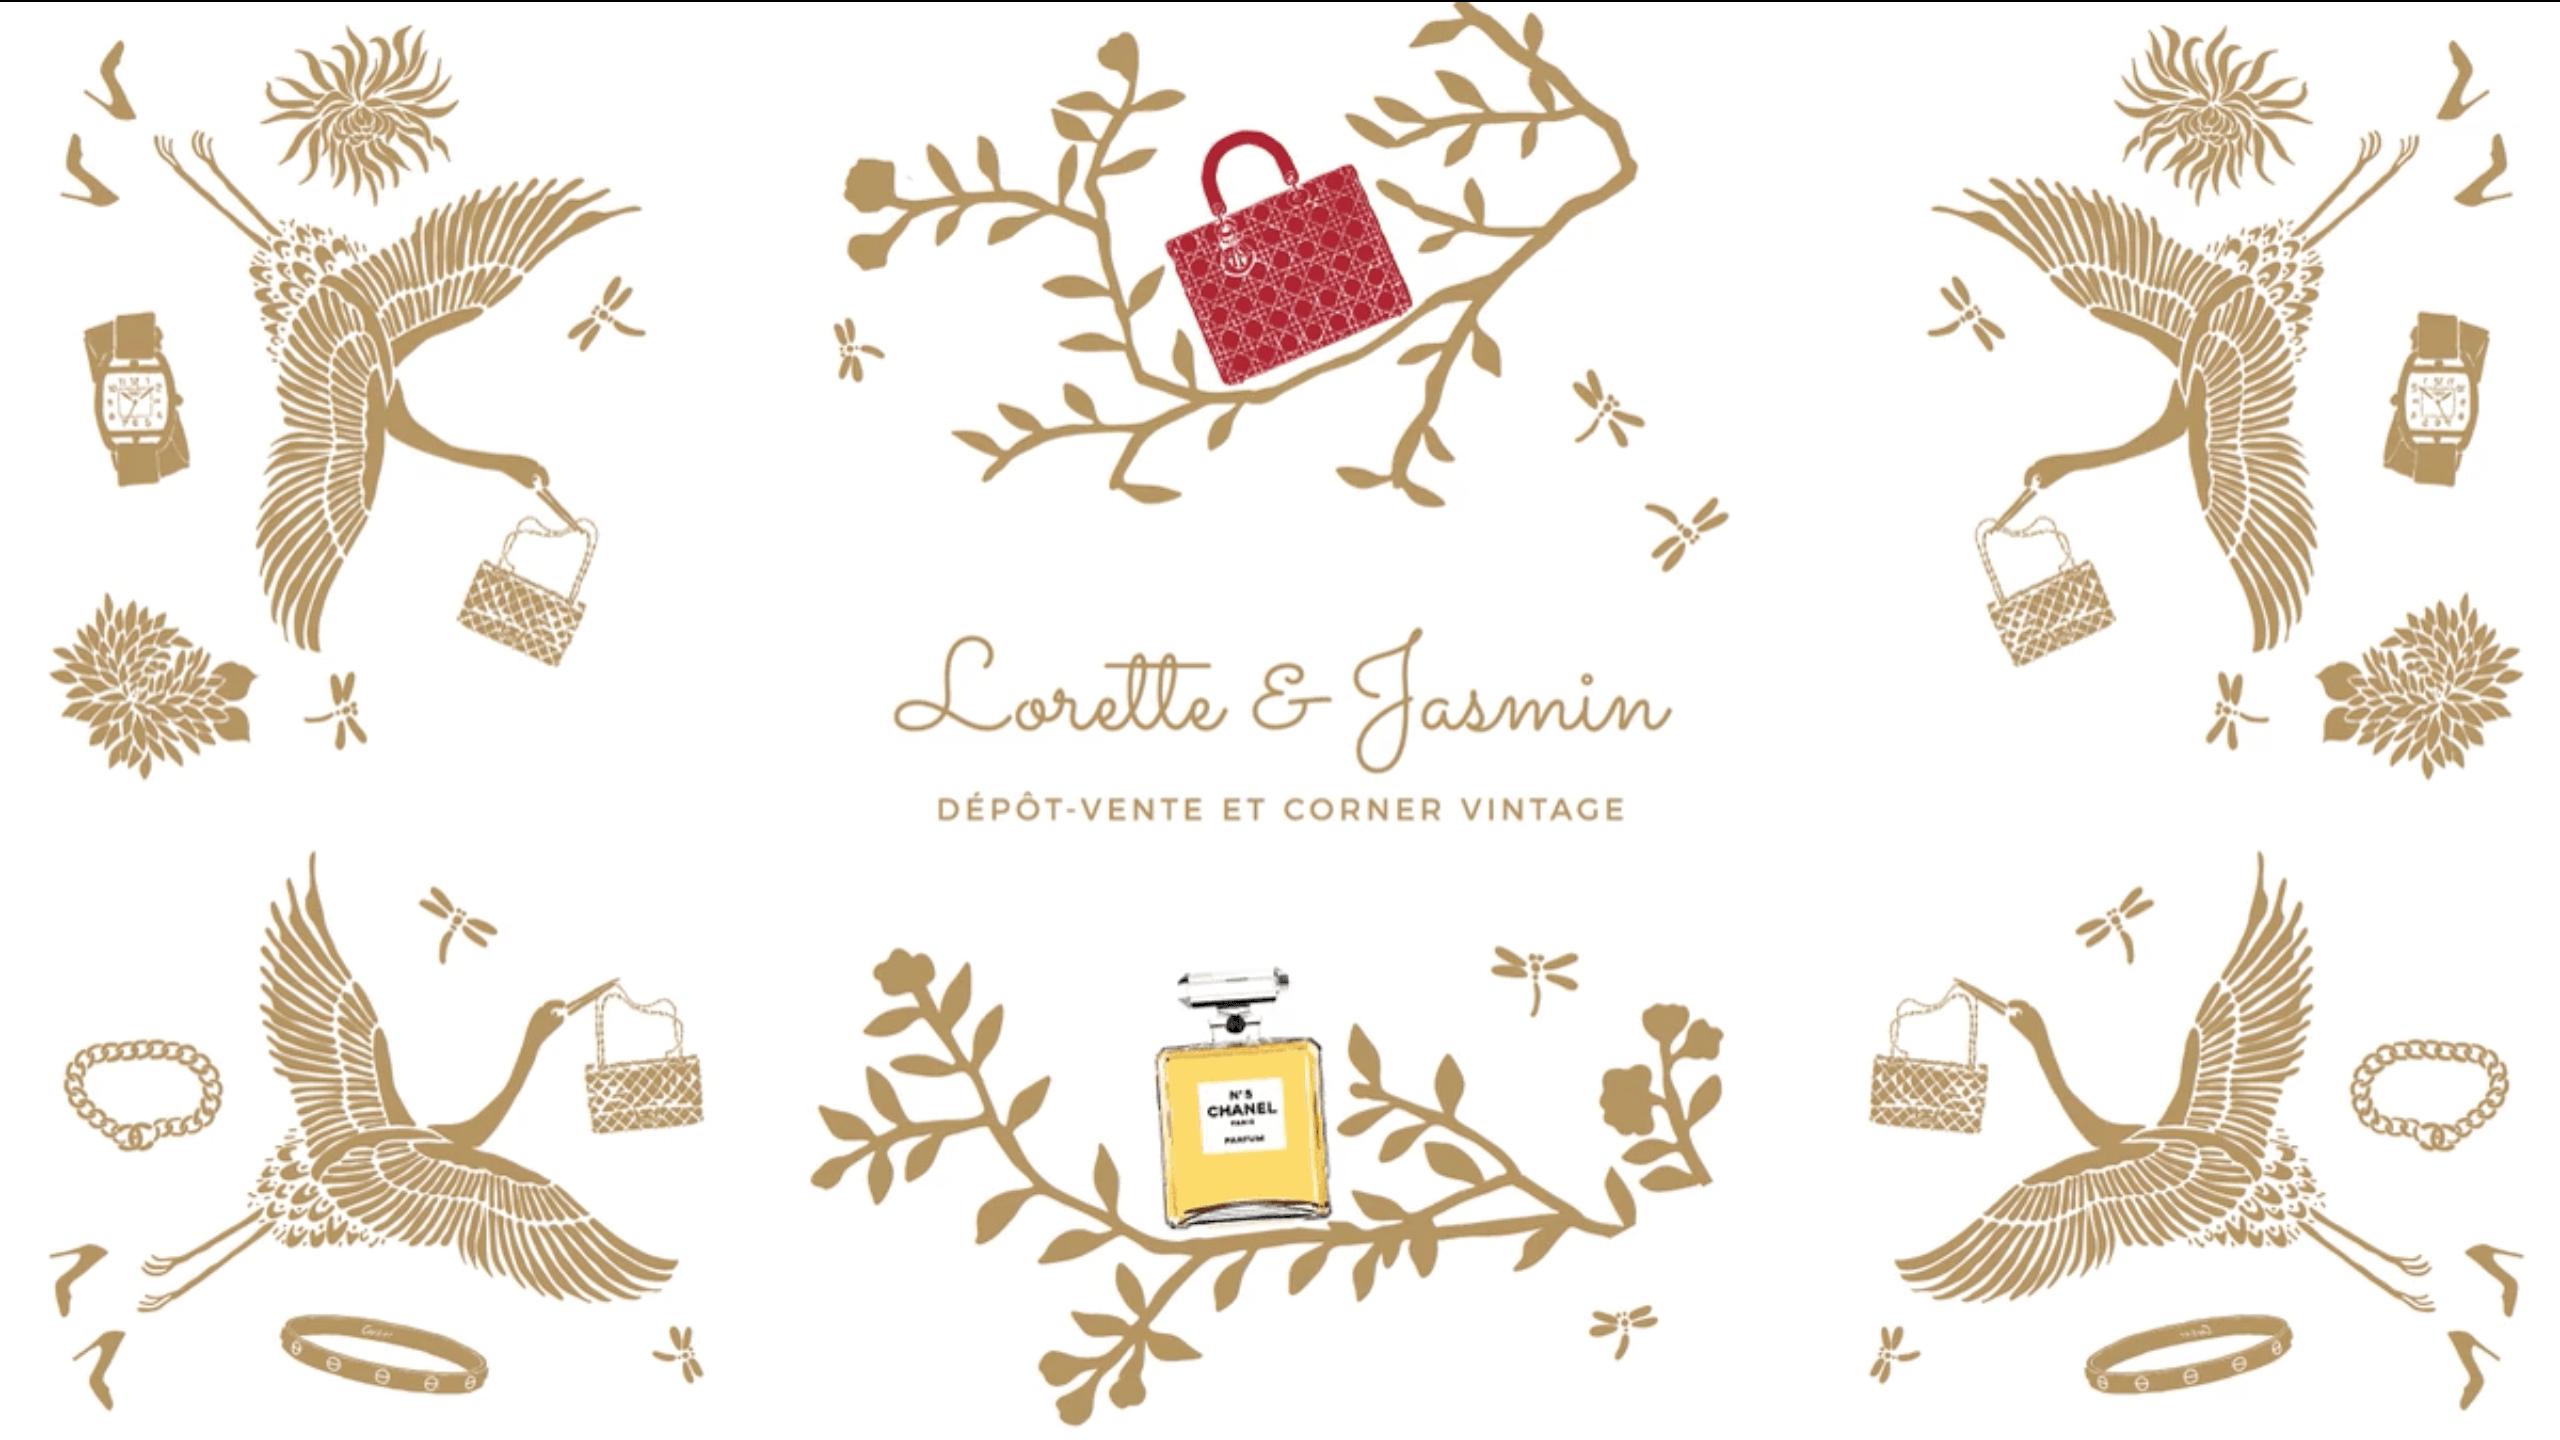 Lorette et Jasmin dépôt vente paris